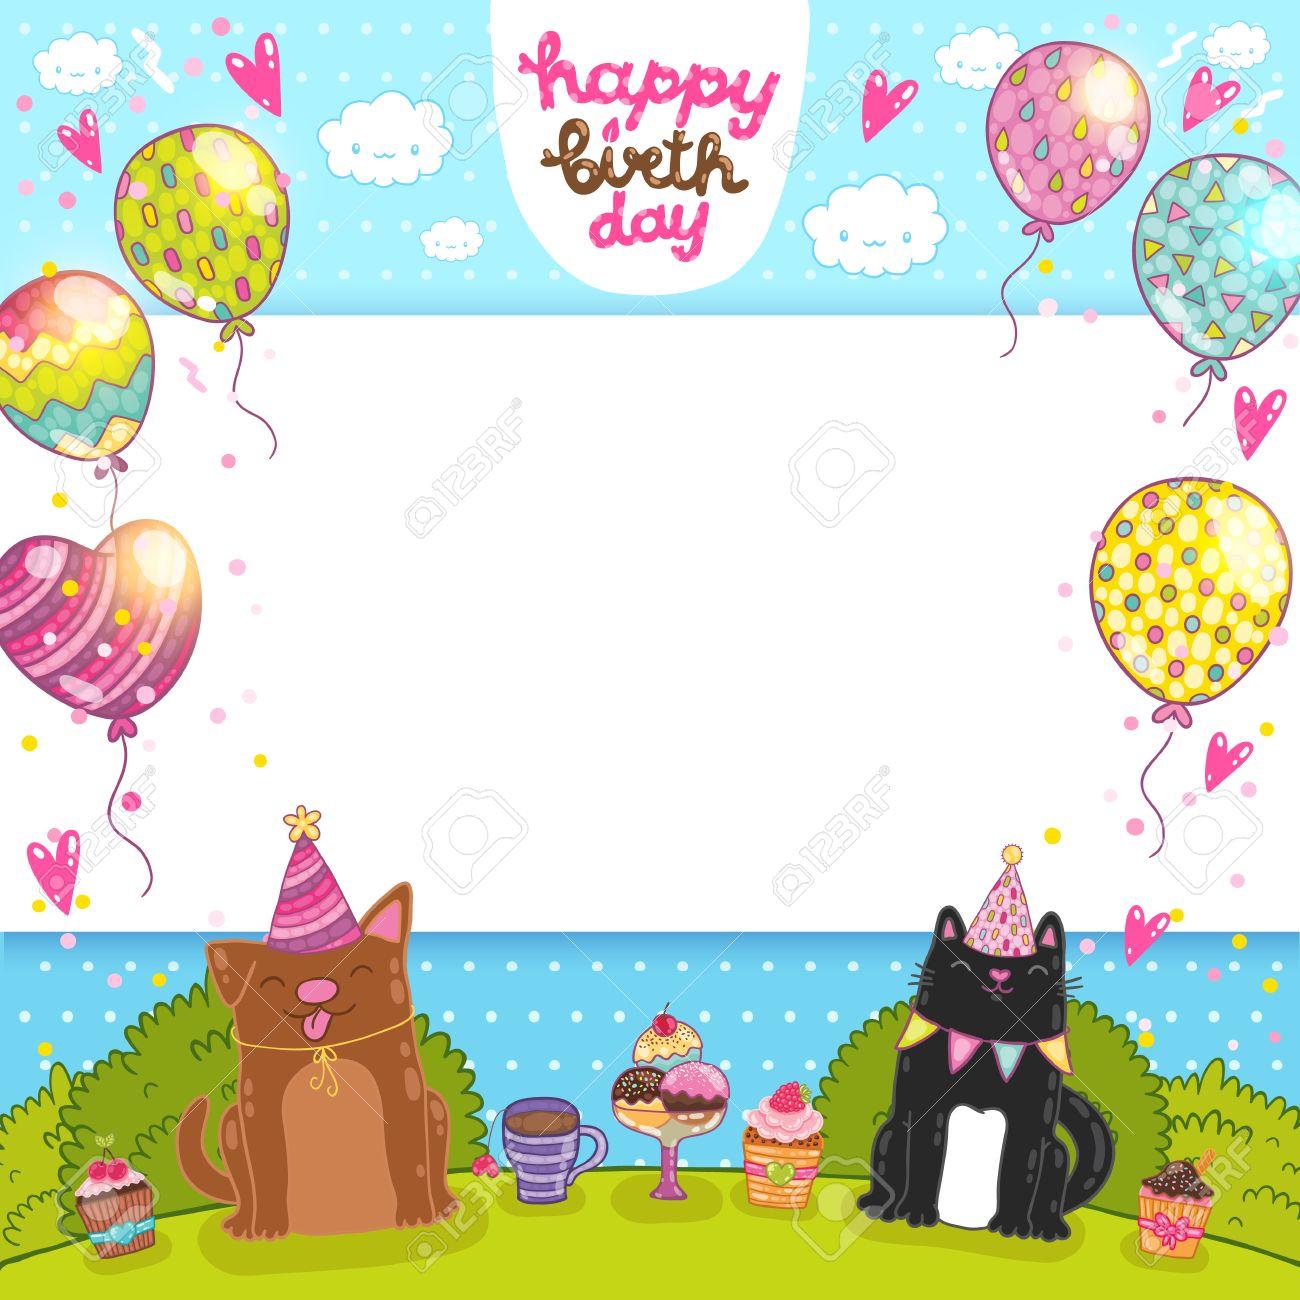 Joyeux Anniversaire Carte De Fond Avec Un Chat Le Chien Et Petits Gâteaux Vecteur Fond De Vacances Pour La Conception De Votre Invitation